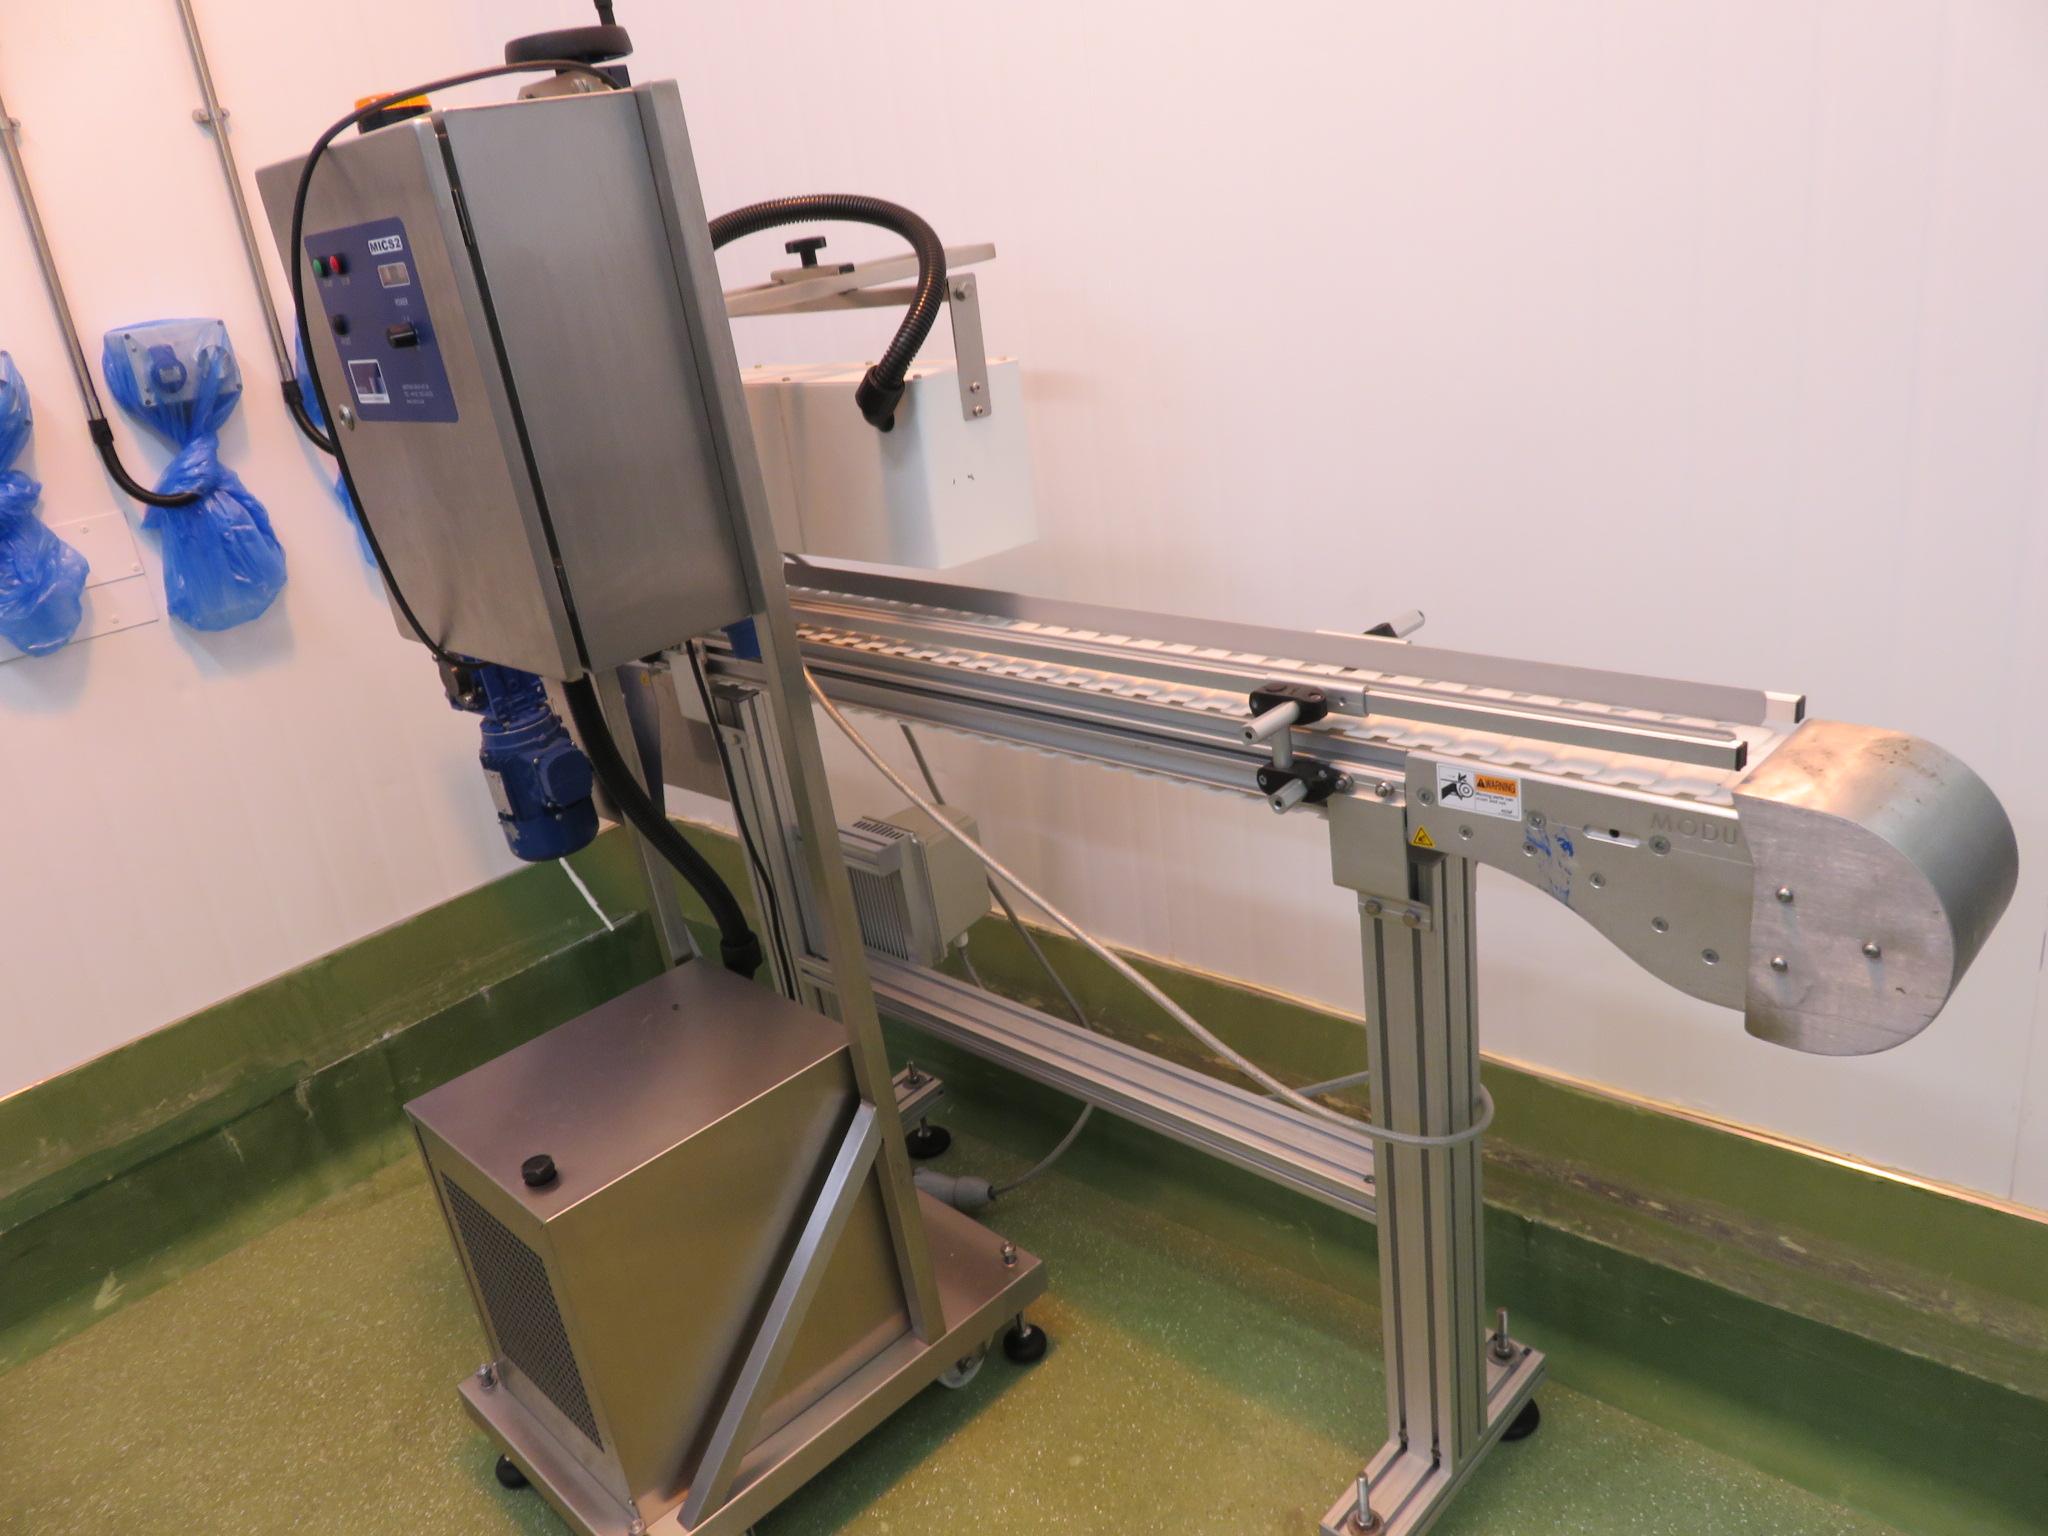 HF Technology induction sealing machine model MICS 2. LO £60.